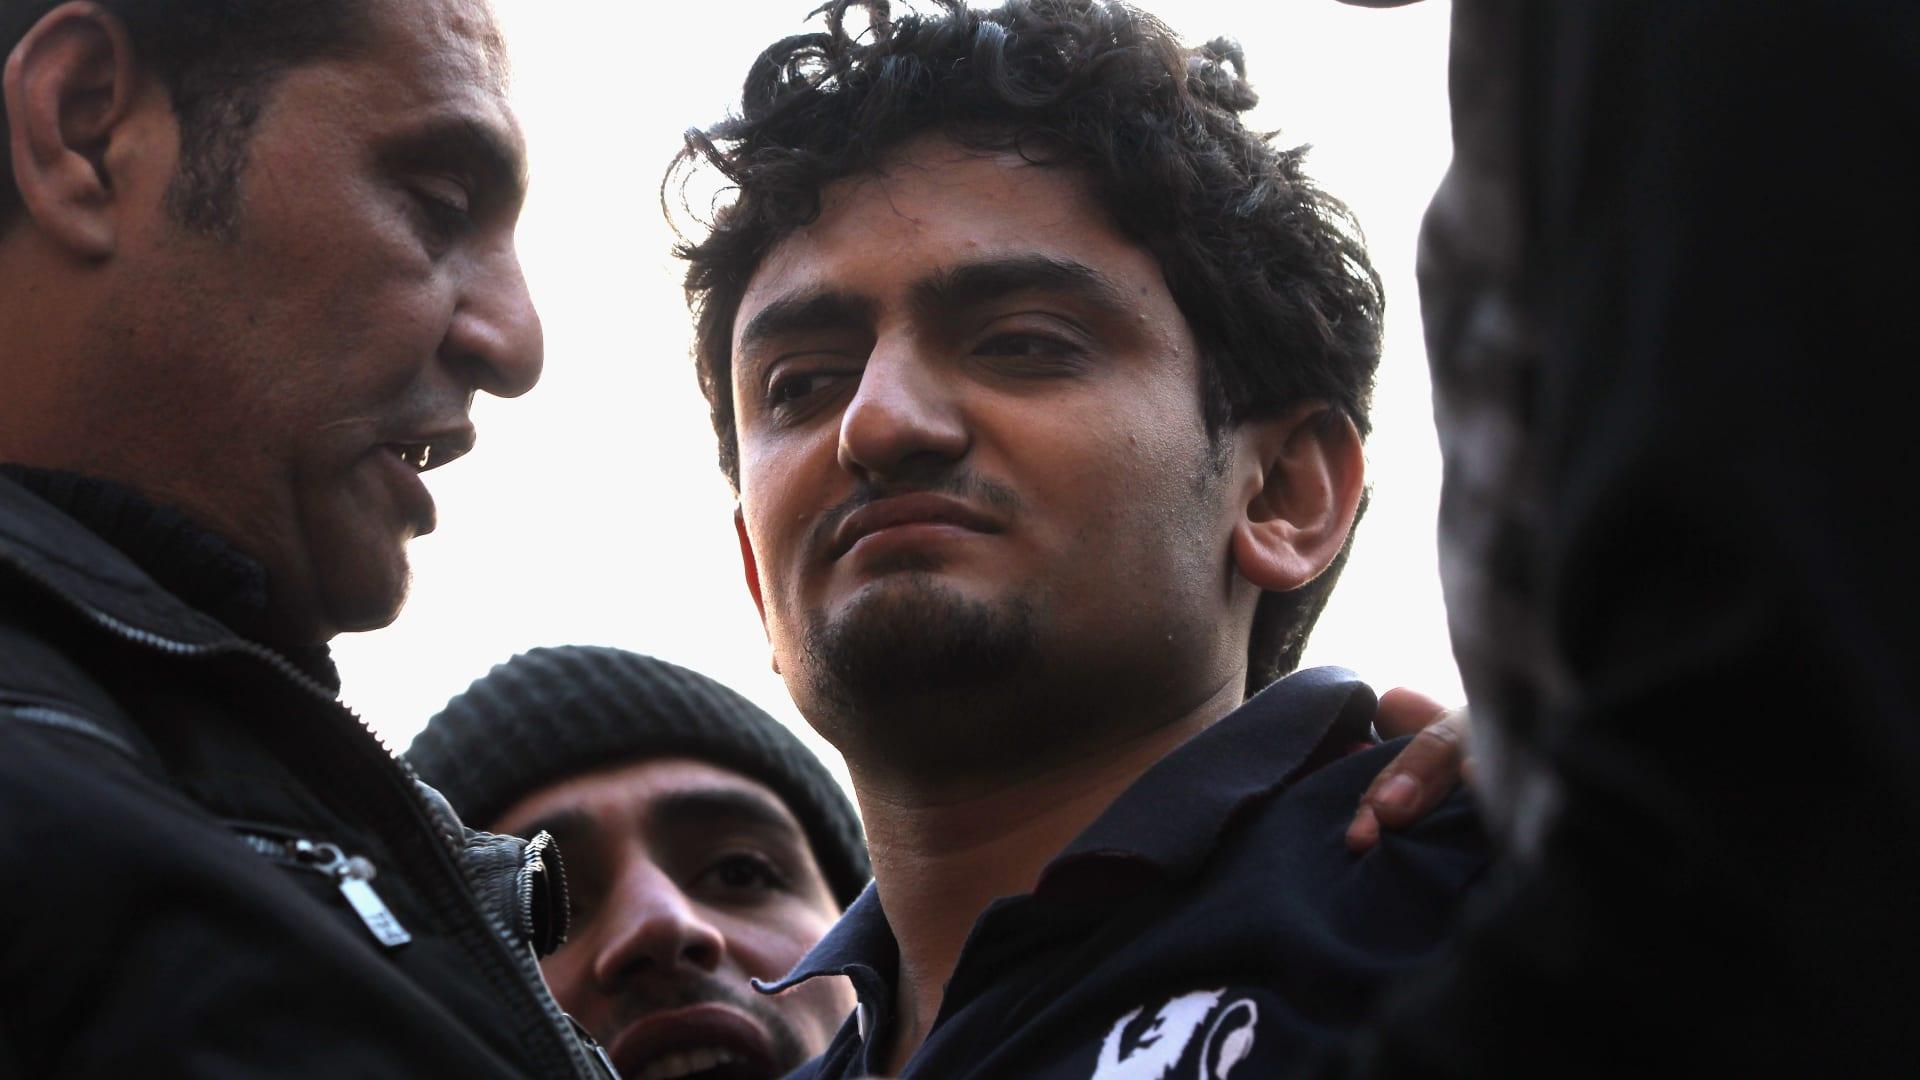 """بعد الجدل الذي أثارته الحلقة الأولى من برنامجه.. وائل غنيم يوجه رسالة لرامز جلال: """"خطر رسمي"""""""